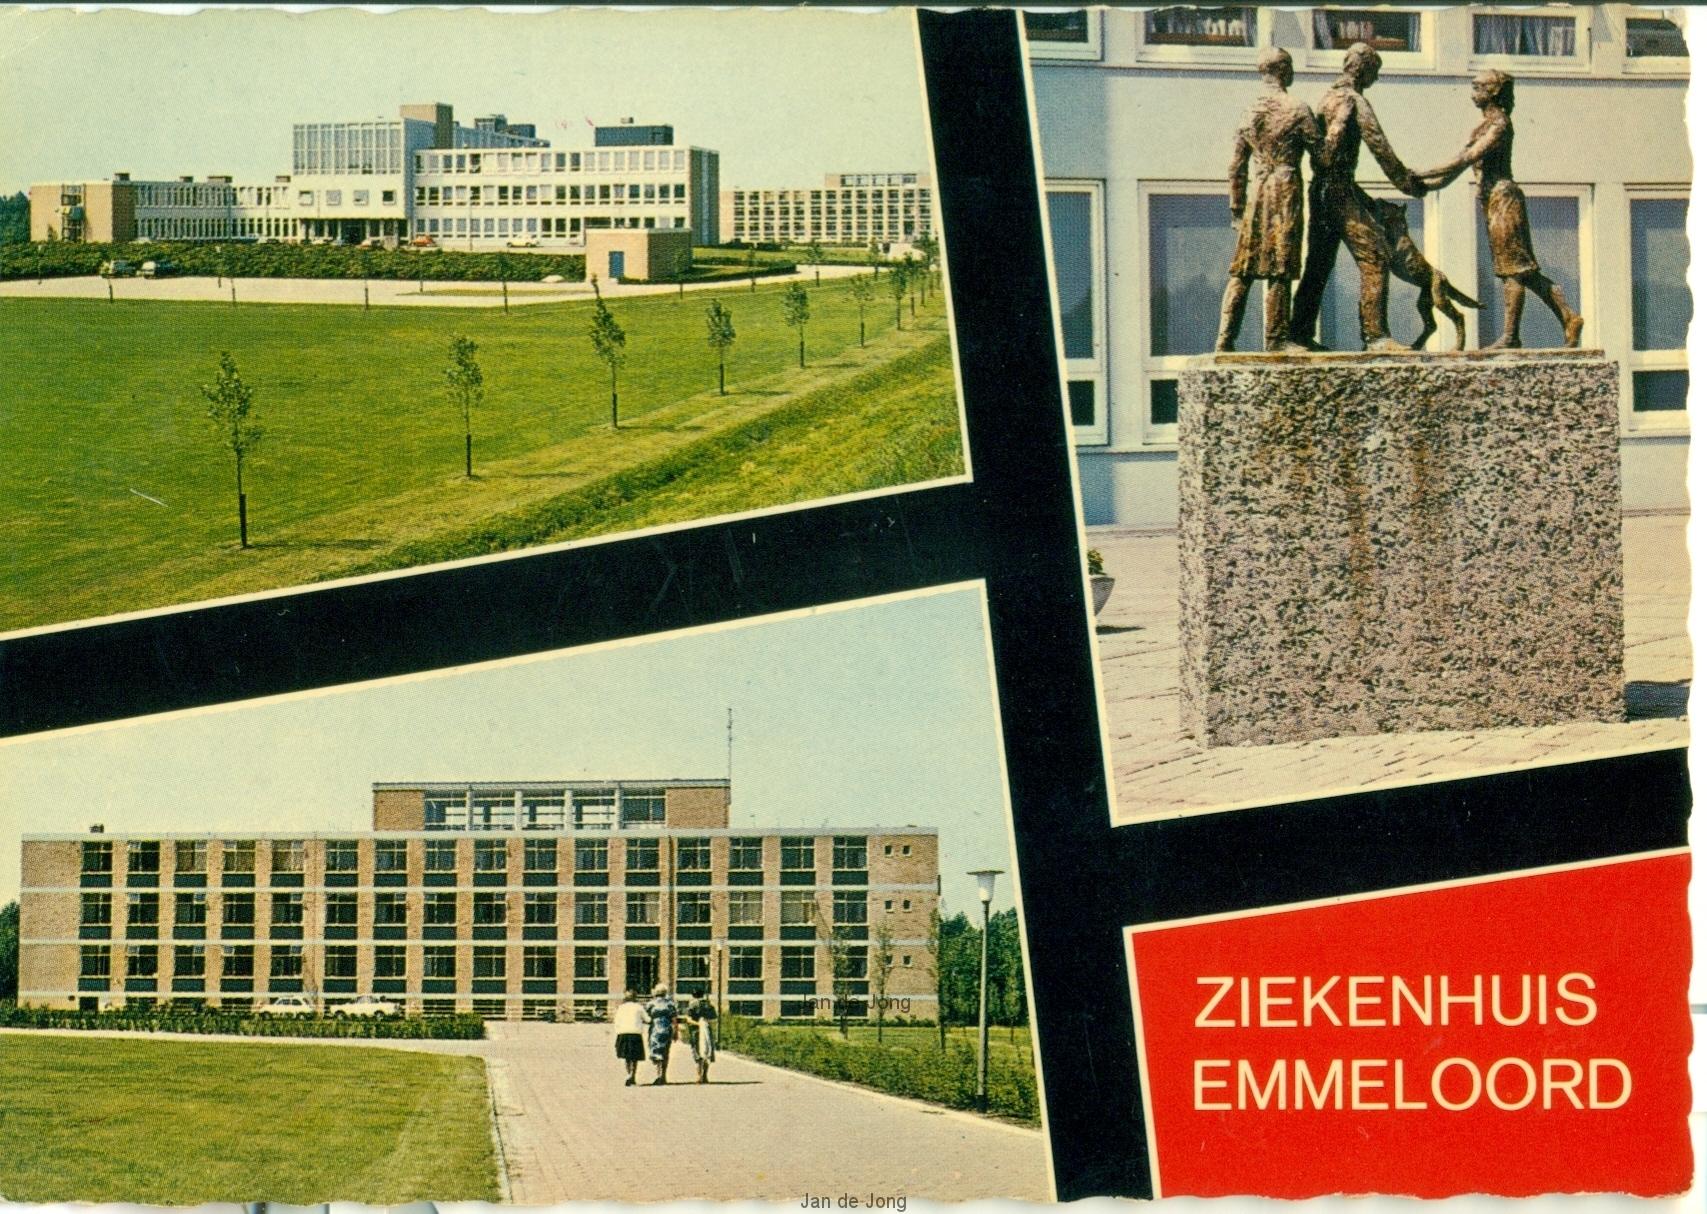 Ziekenhuis 2 Emmeloord